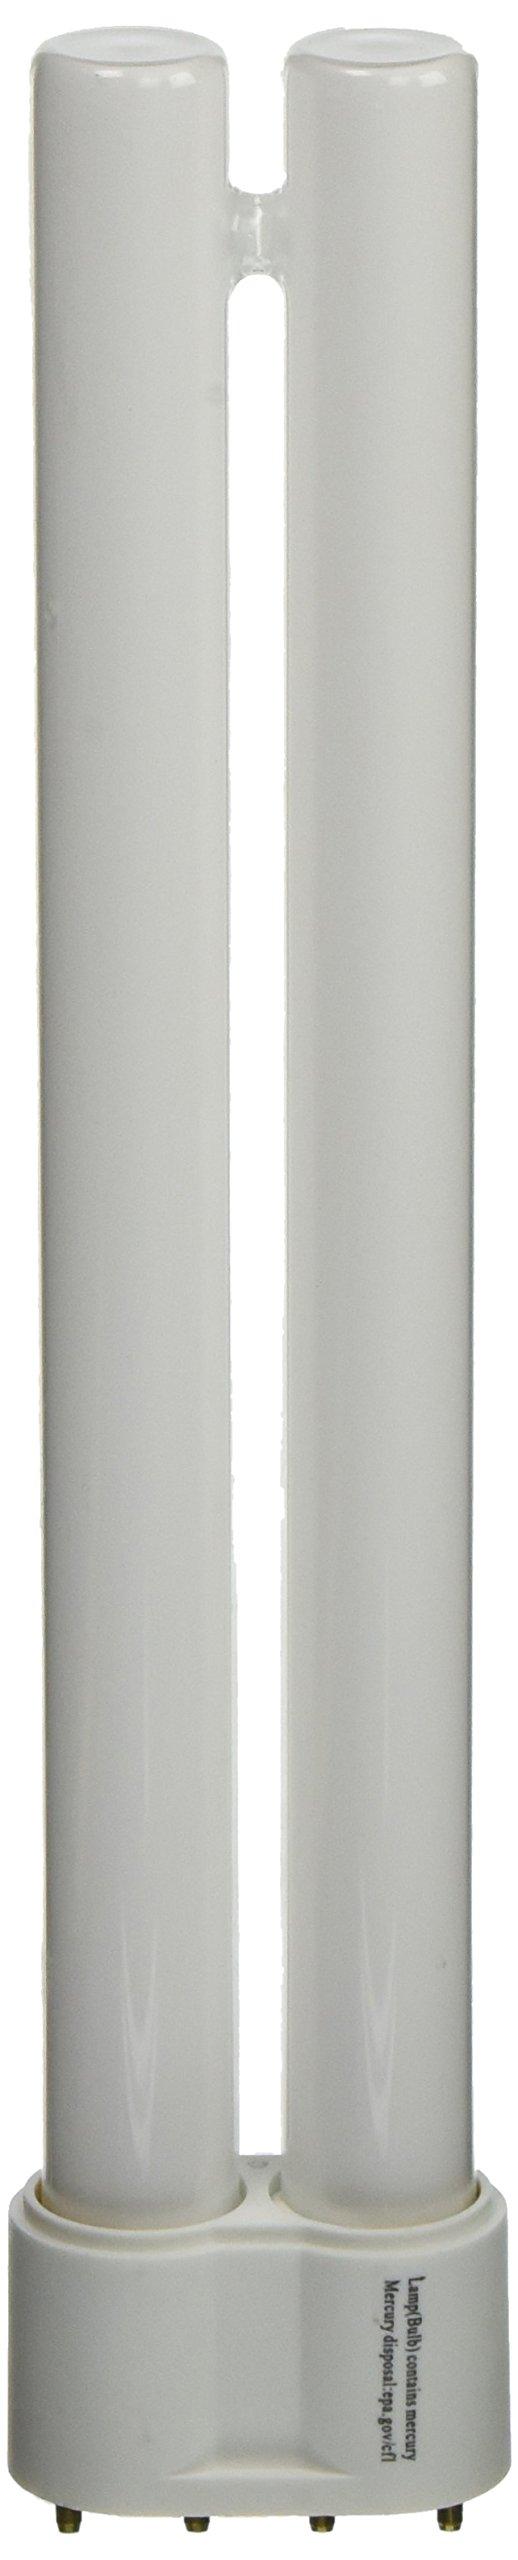 OttLite 00359 - T18330 OttLite 18W Plug-in CFL Single Tube 4 Pin Base Compact Fluorescent Light Bulb